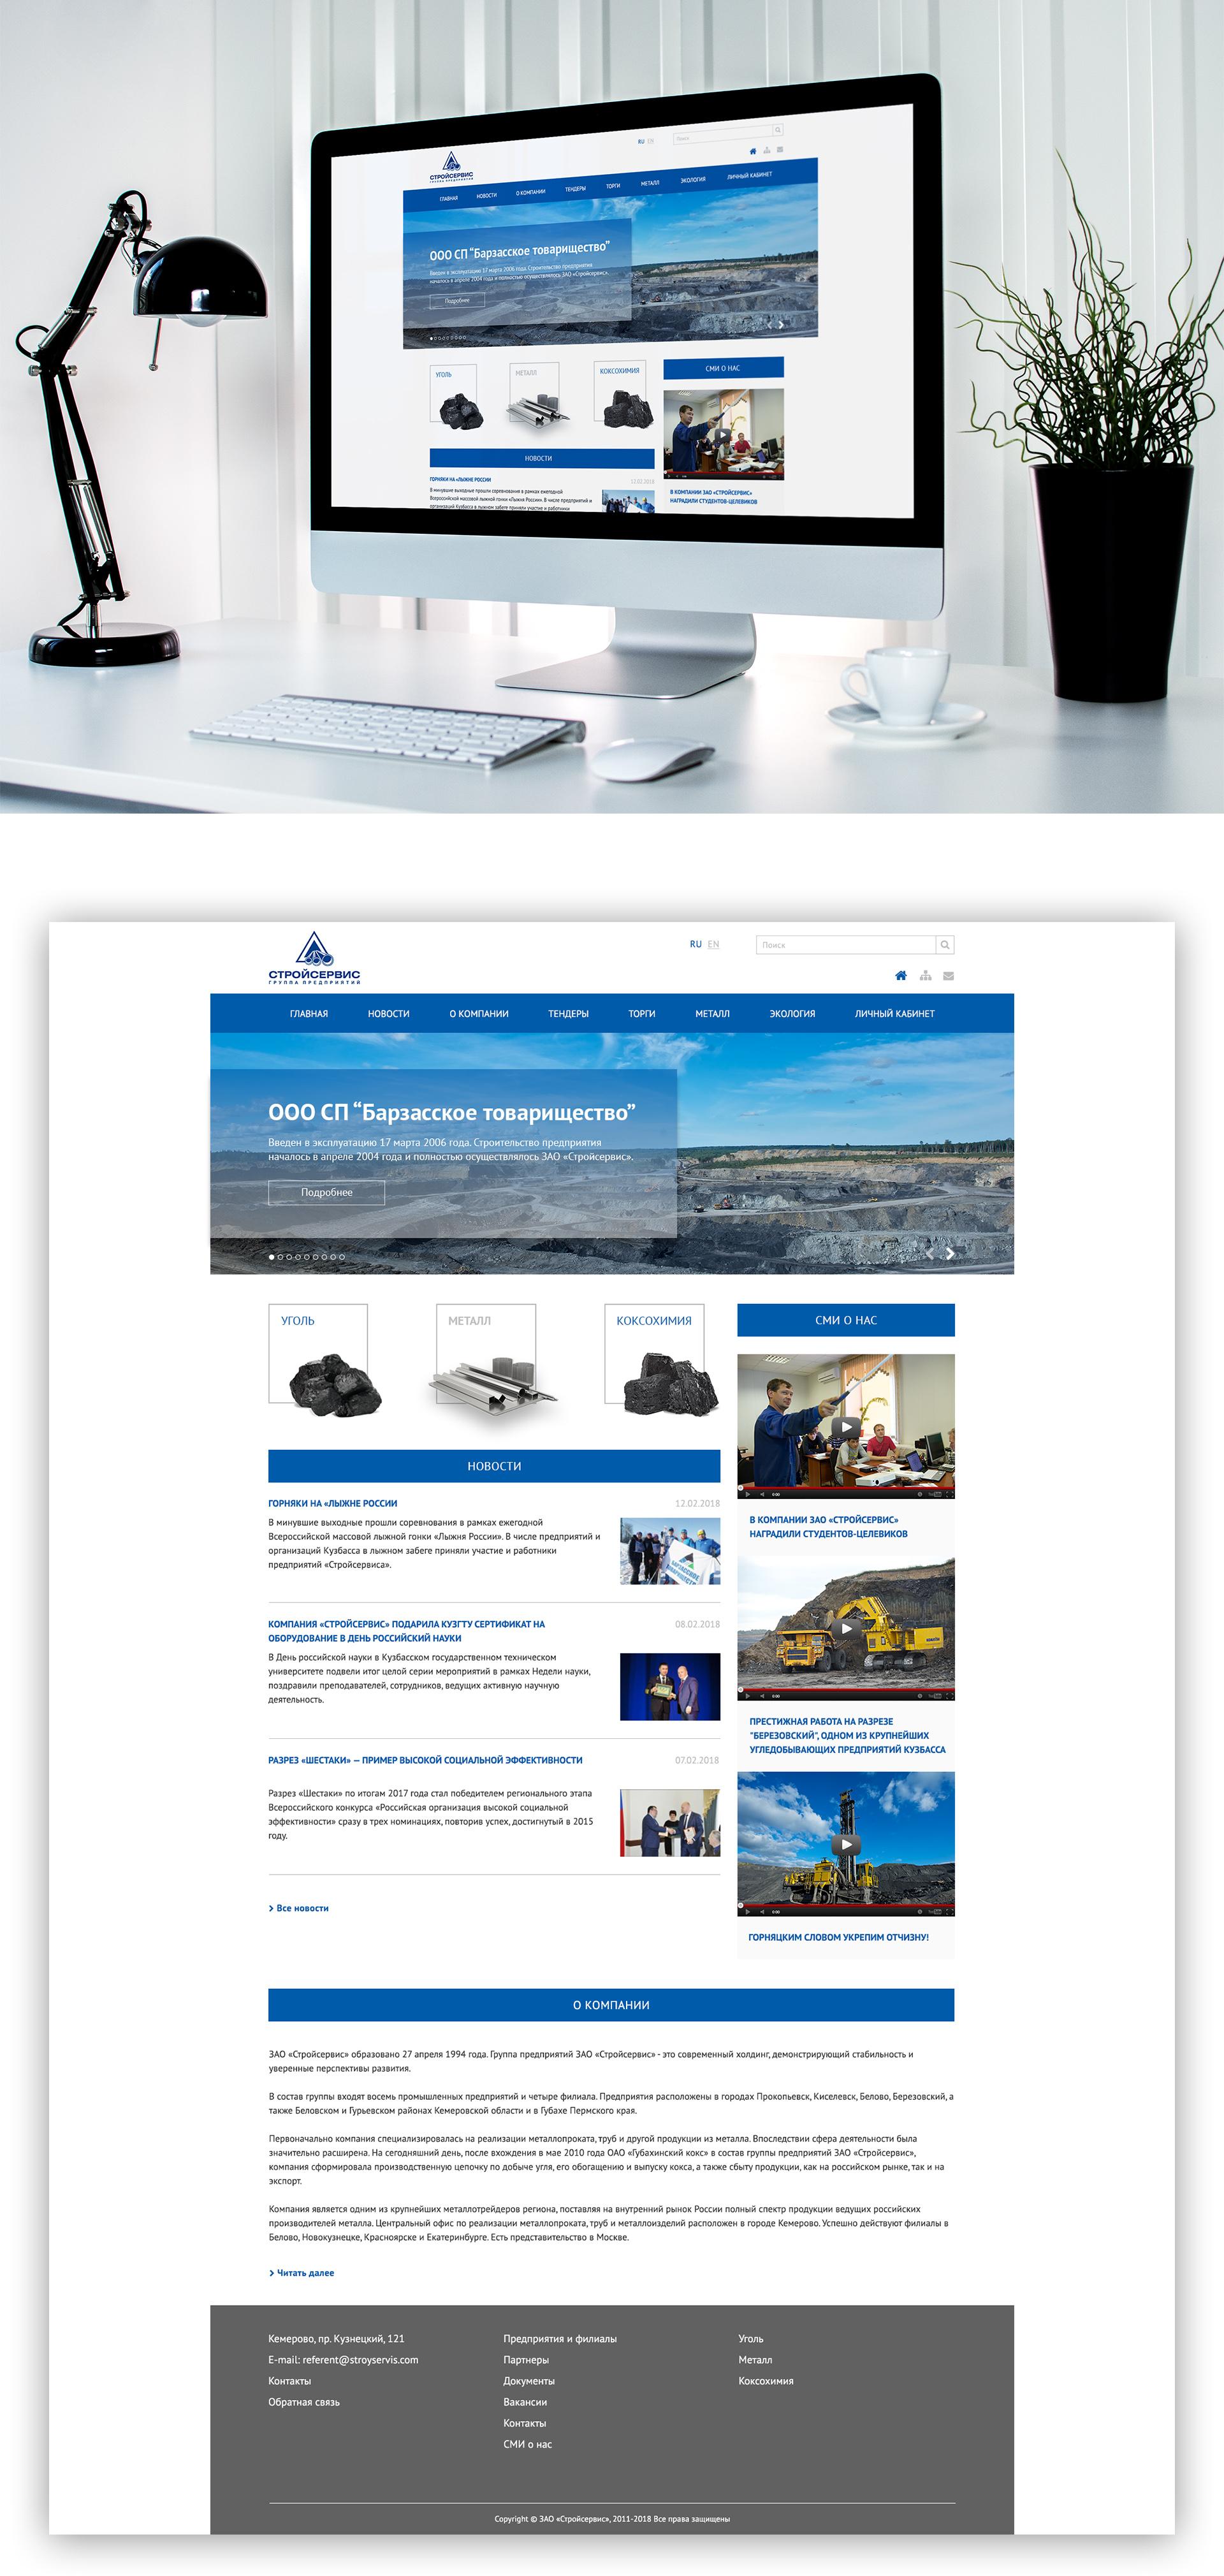 Разработка дизайна сайта угледобывающей компании фото f_0665a93150fb4d94.jpg